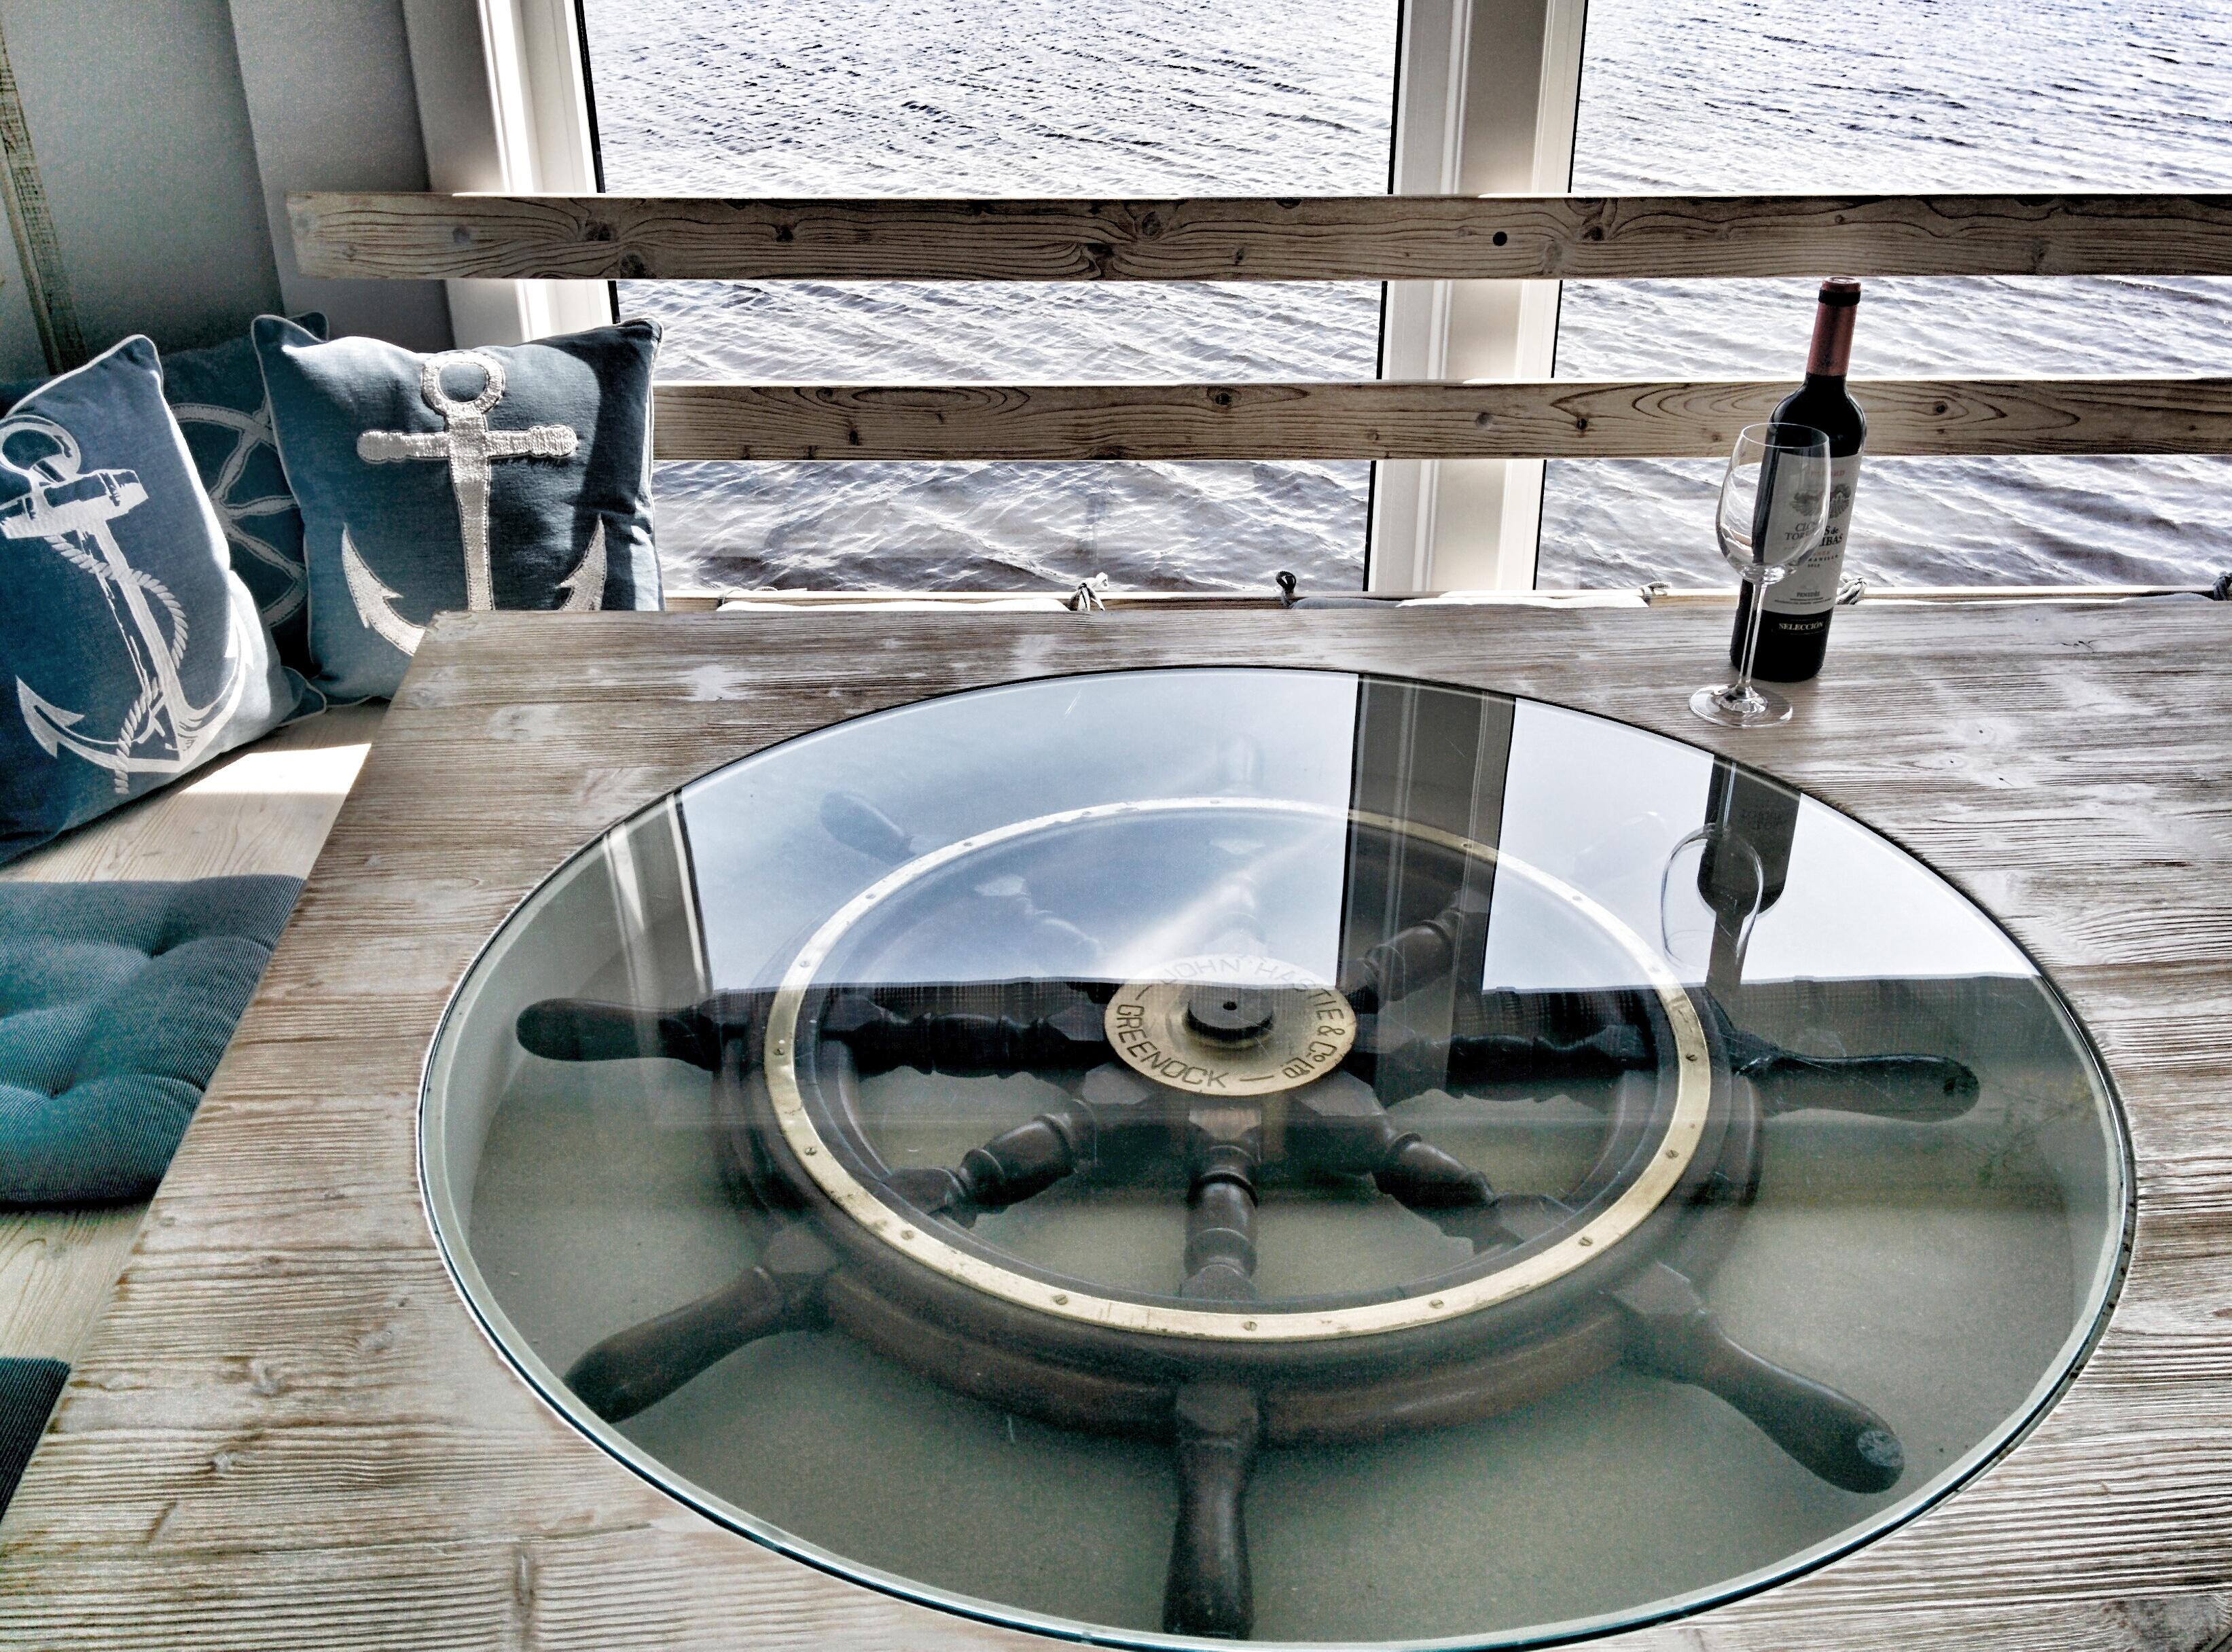 Maritimer Esstisch im Wohnschiff Neptun